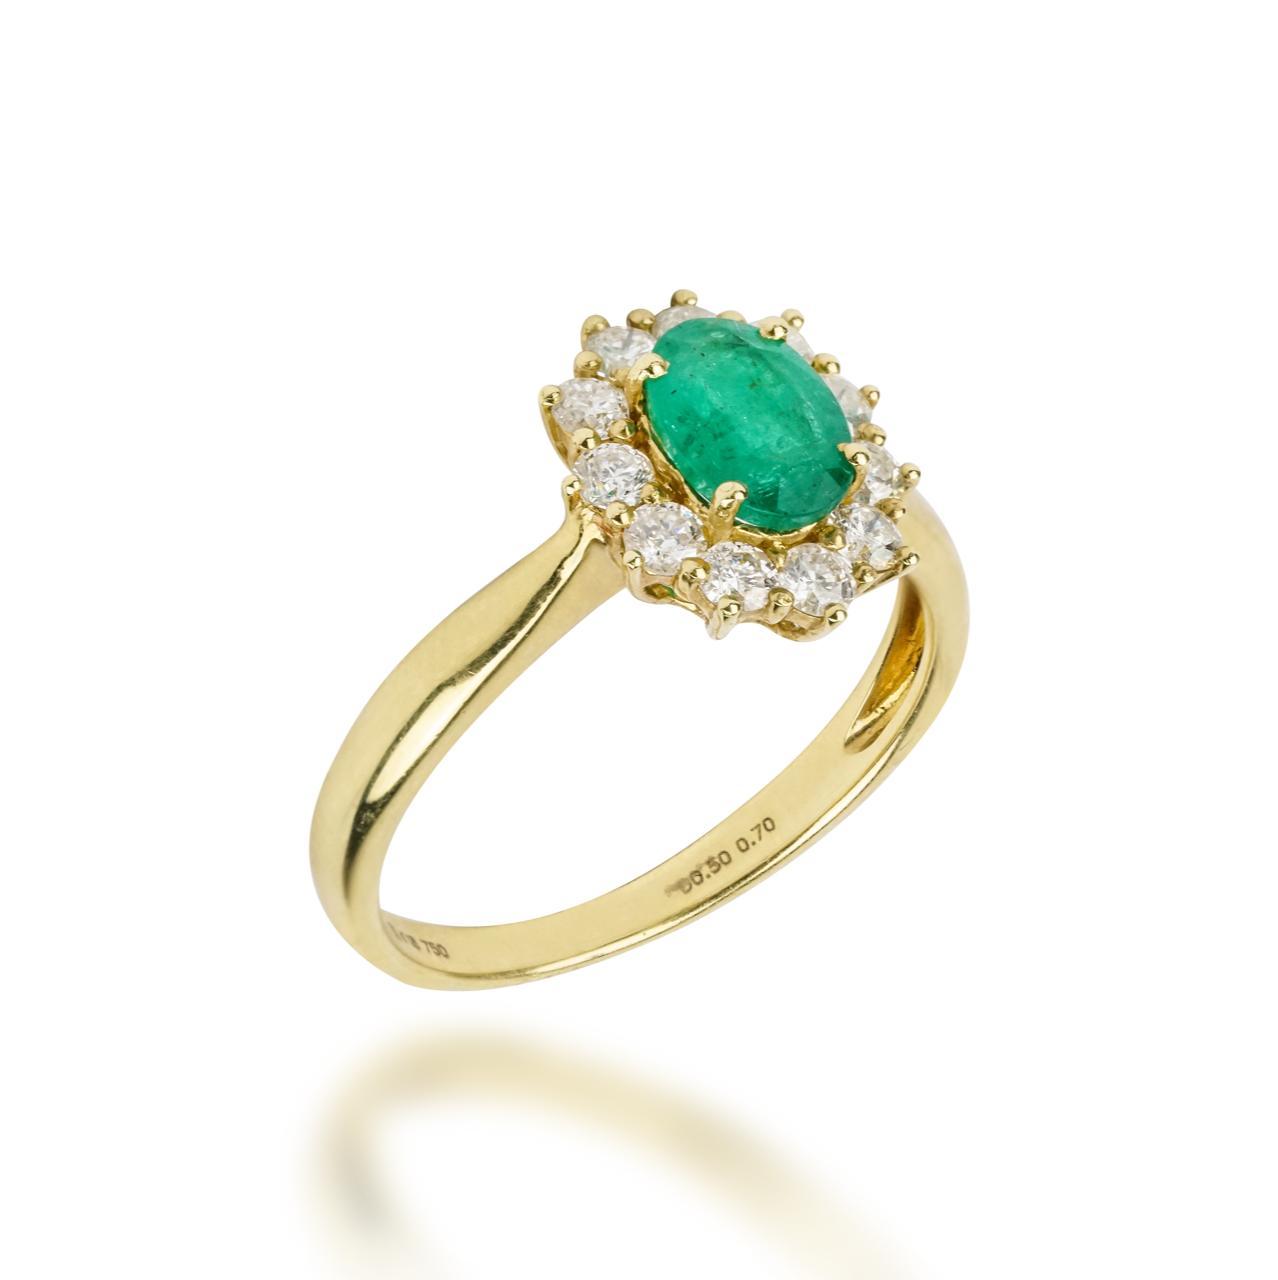 Anel Esmeralda e Diamantes Ouro 18k